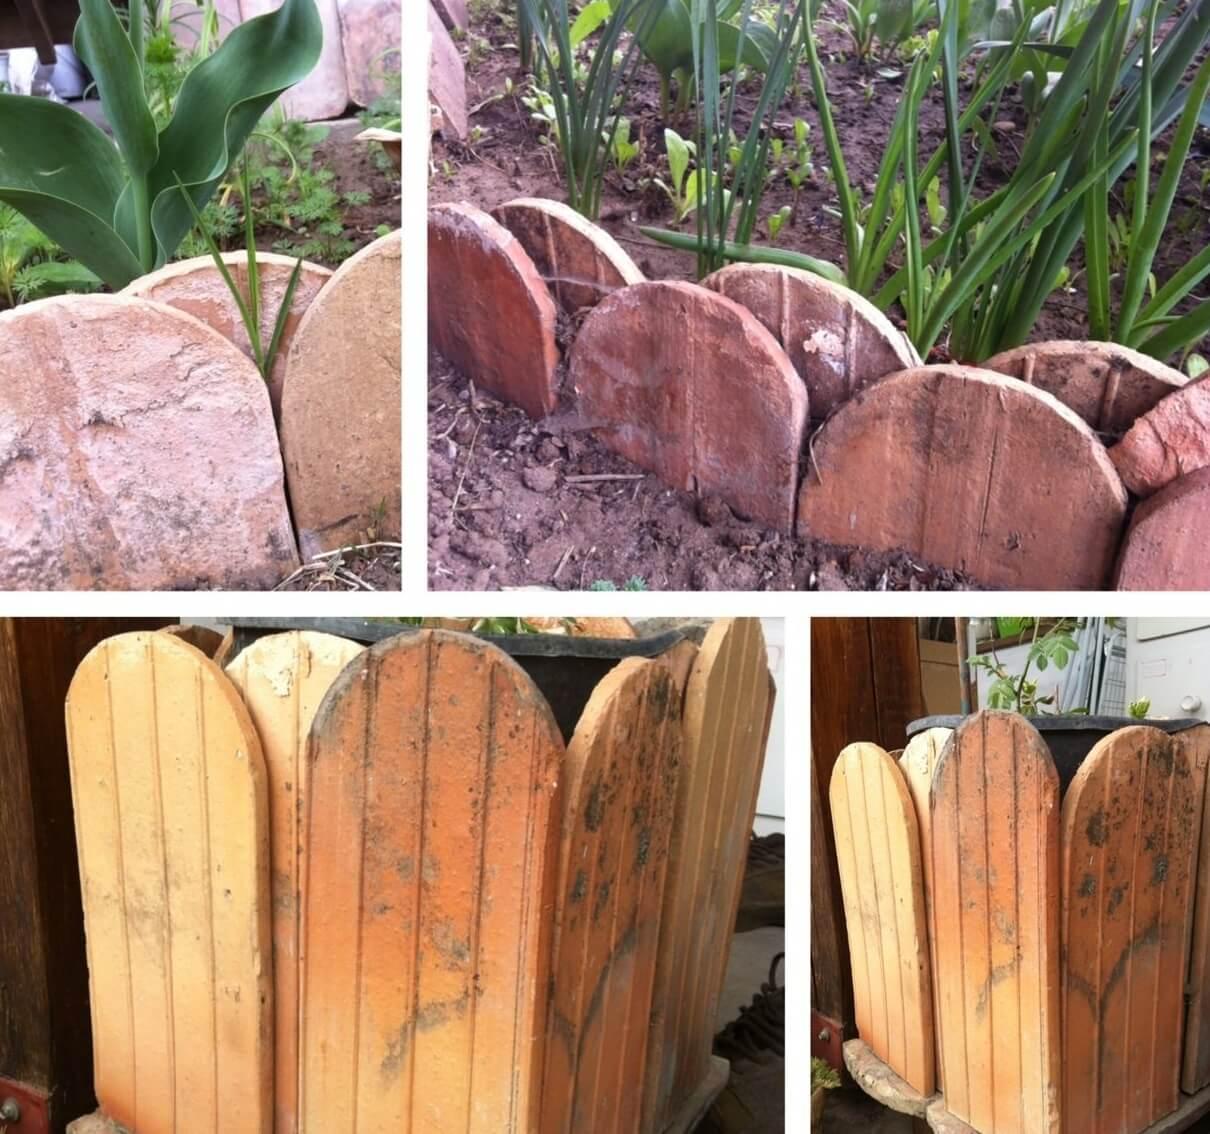 Zahradny-obrubnik-zo-skridle-vyuzitie-starej-krytiny-inspiracia-do-zahrady-recyklovanie-skridiel